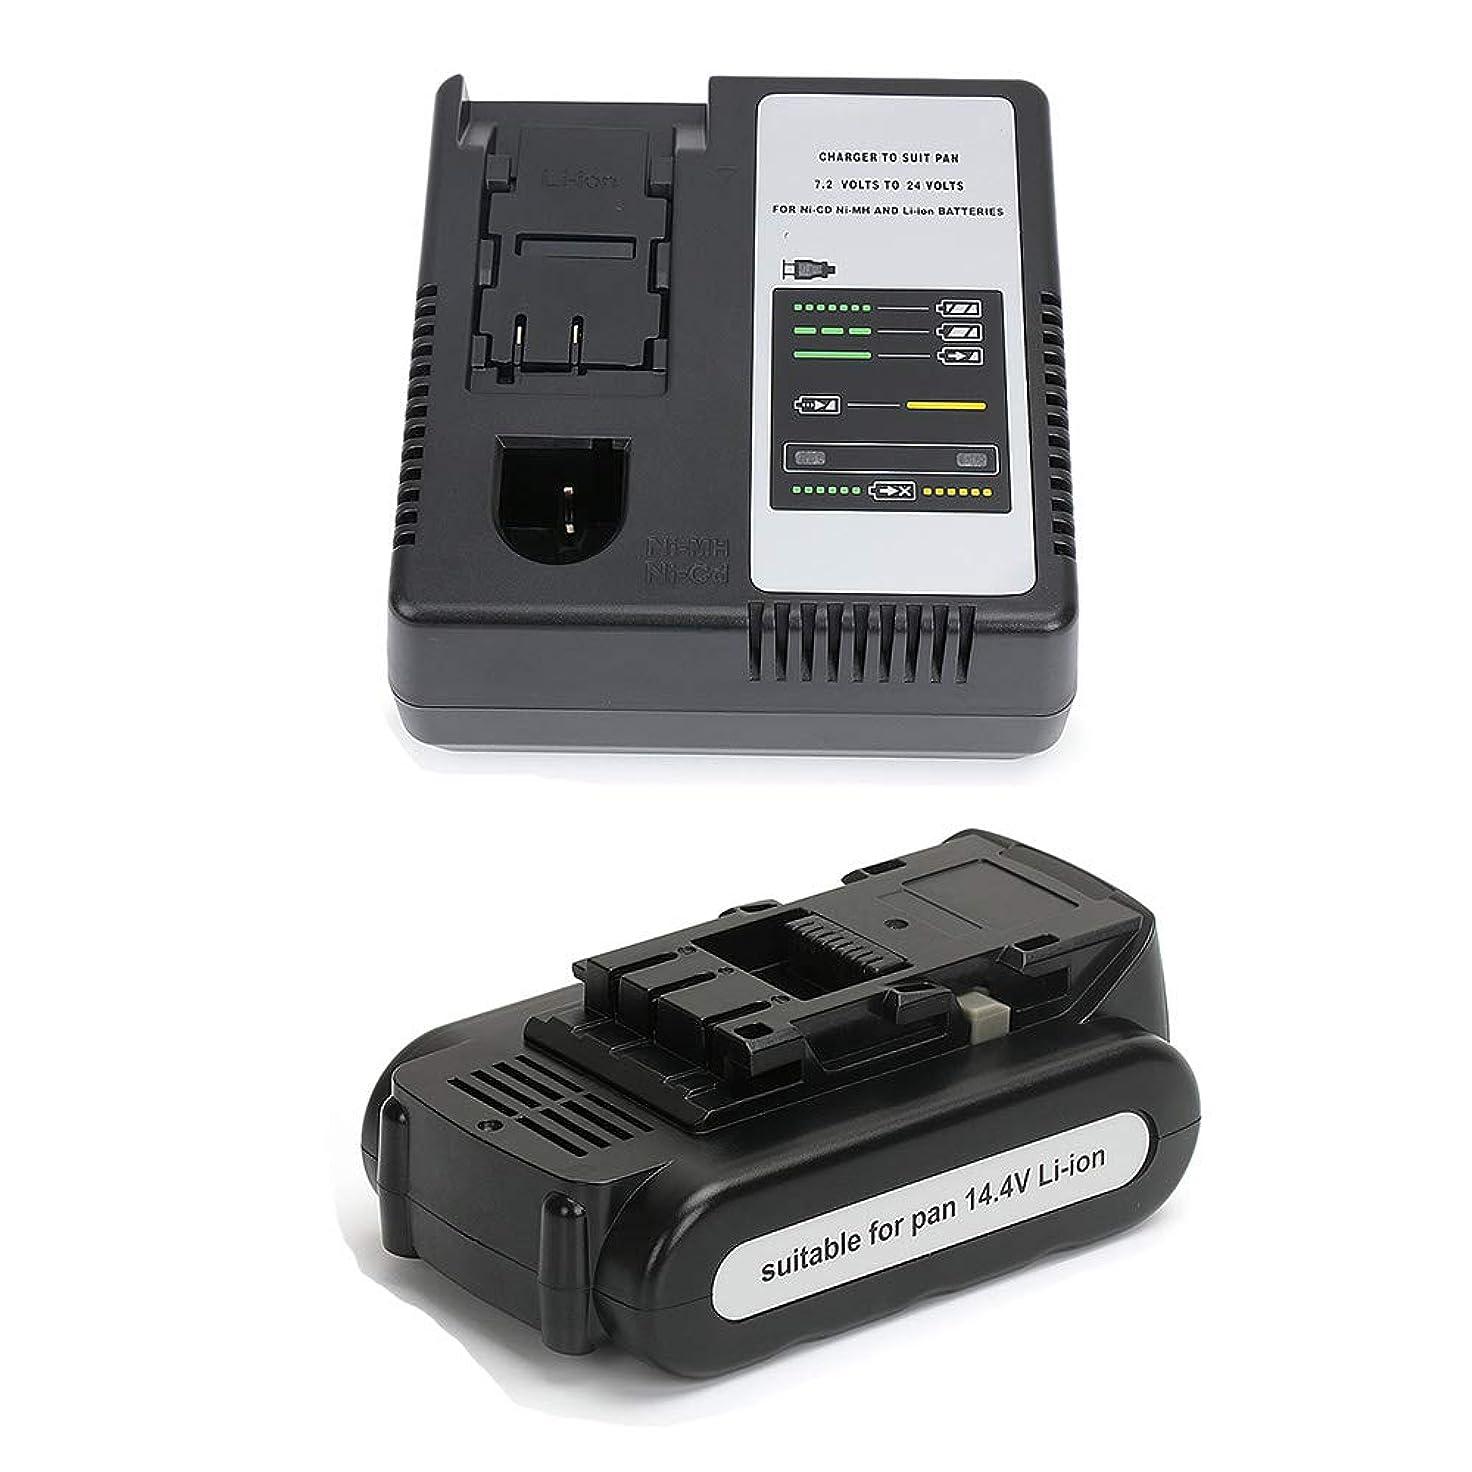 いらいらするドキュメンタリー返還【POWERGIANT】Panasonicパナソニック 14.4V 電池パック+充電器 EZ9L45 EZ9L44 EZ9L42 EZ9L41 EZ9L40 リチウムイオンバッテリー 2.0Ah 電動工具用互換バッテリー 長期保証